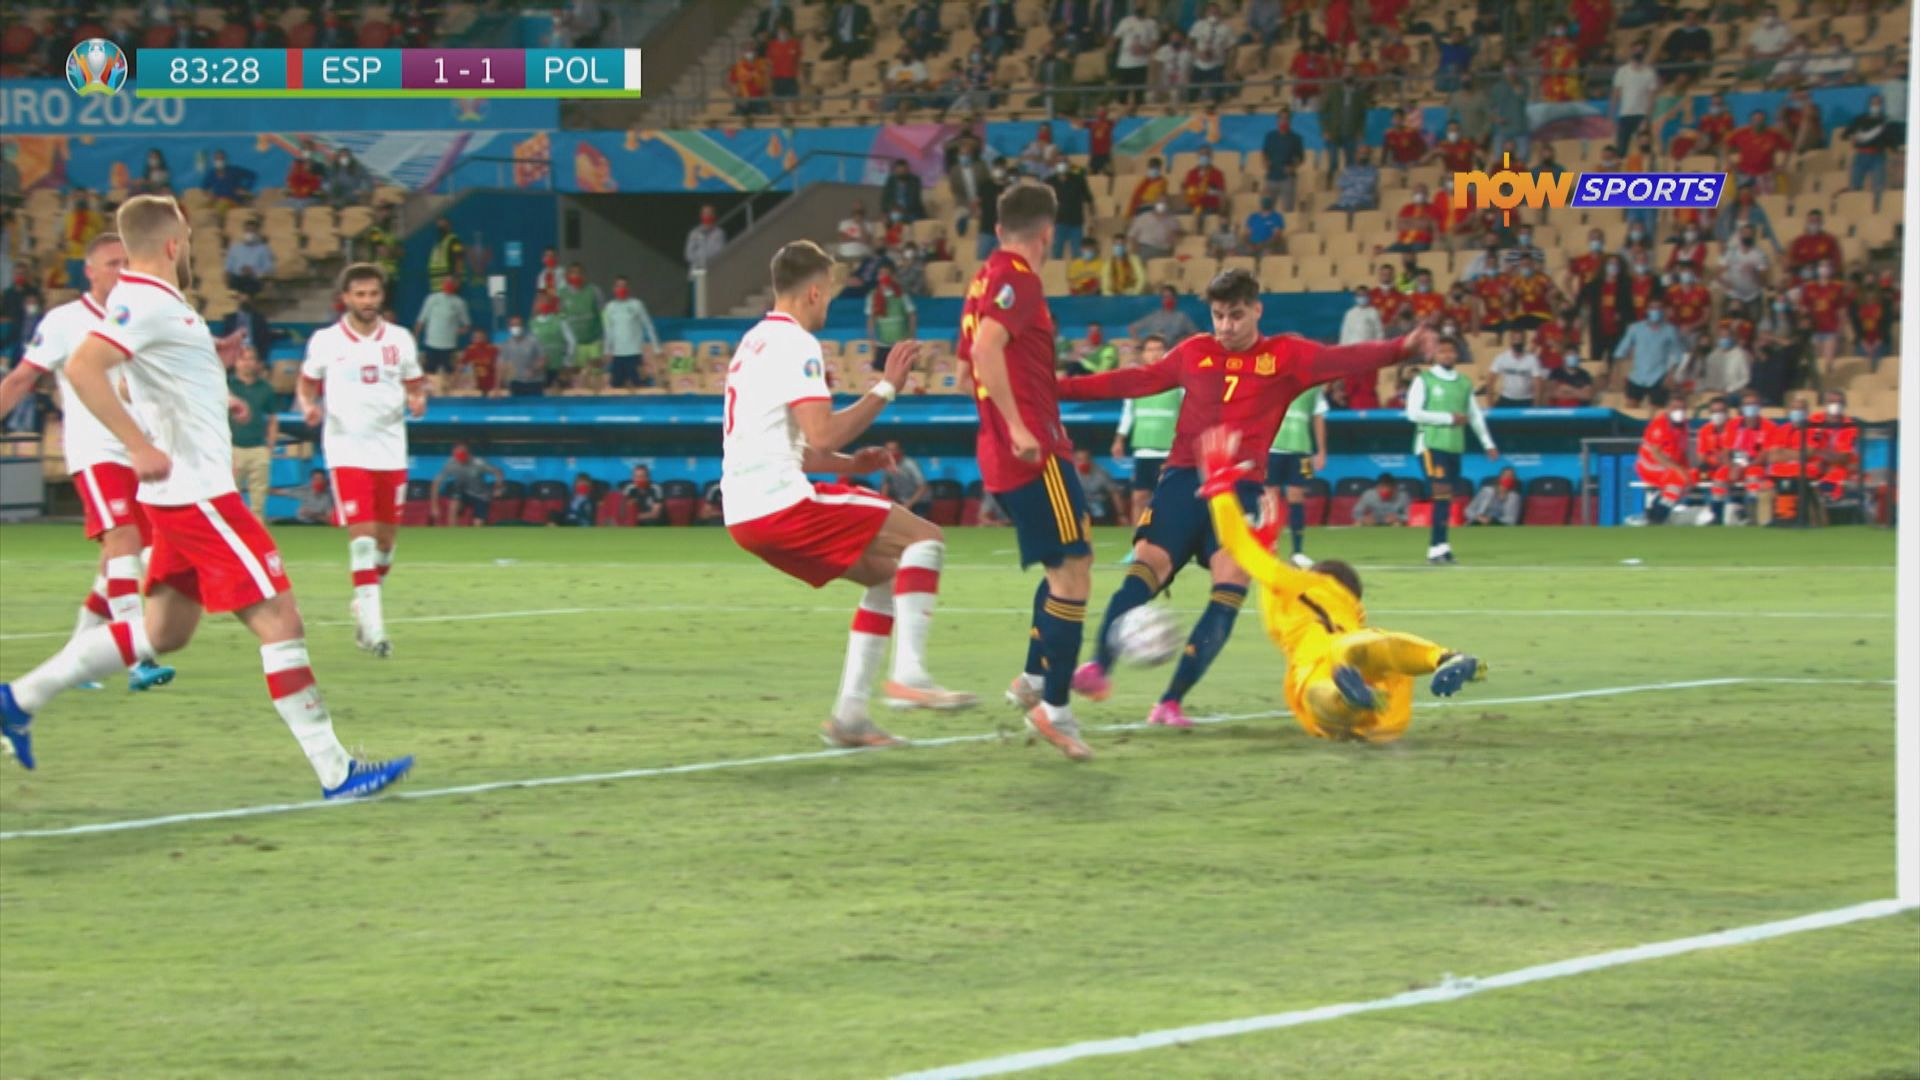 歐國盃 西班牙1:1波蘭